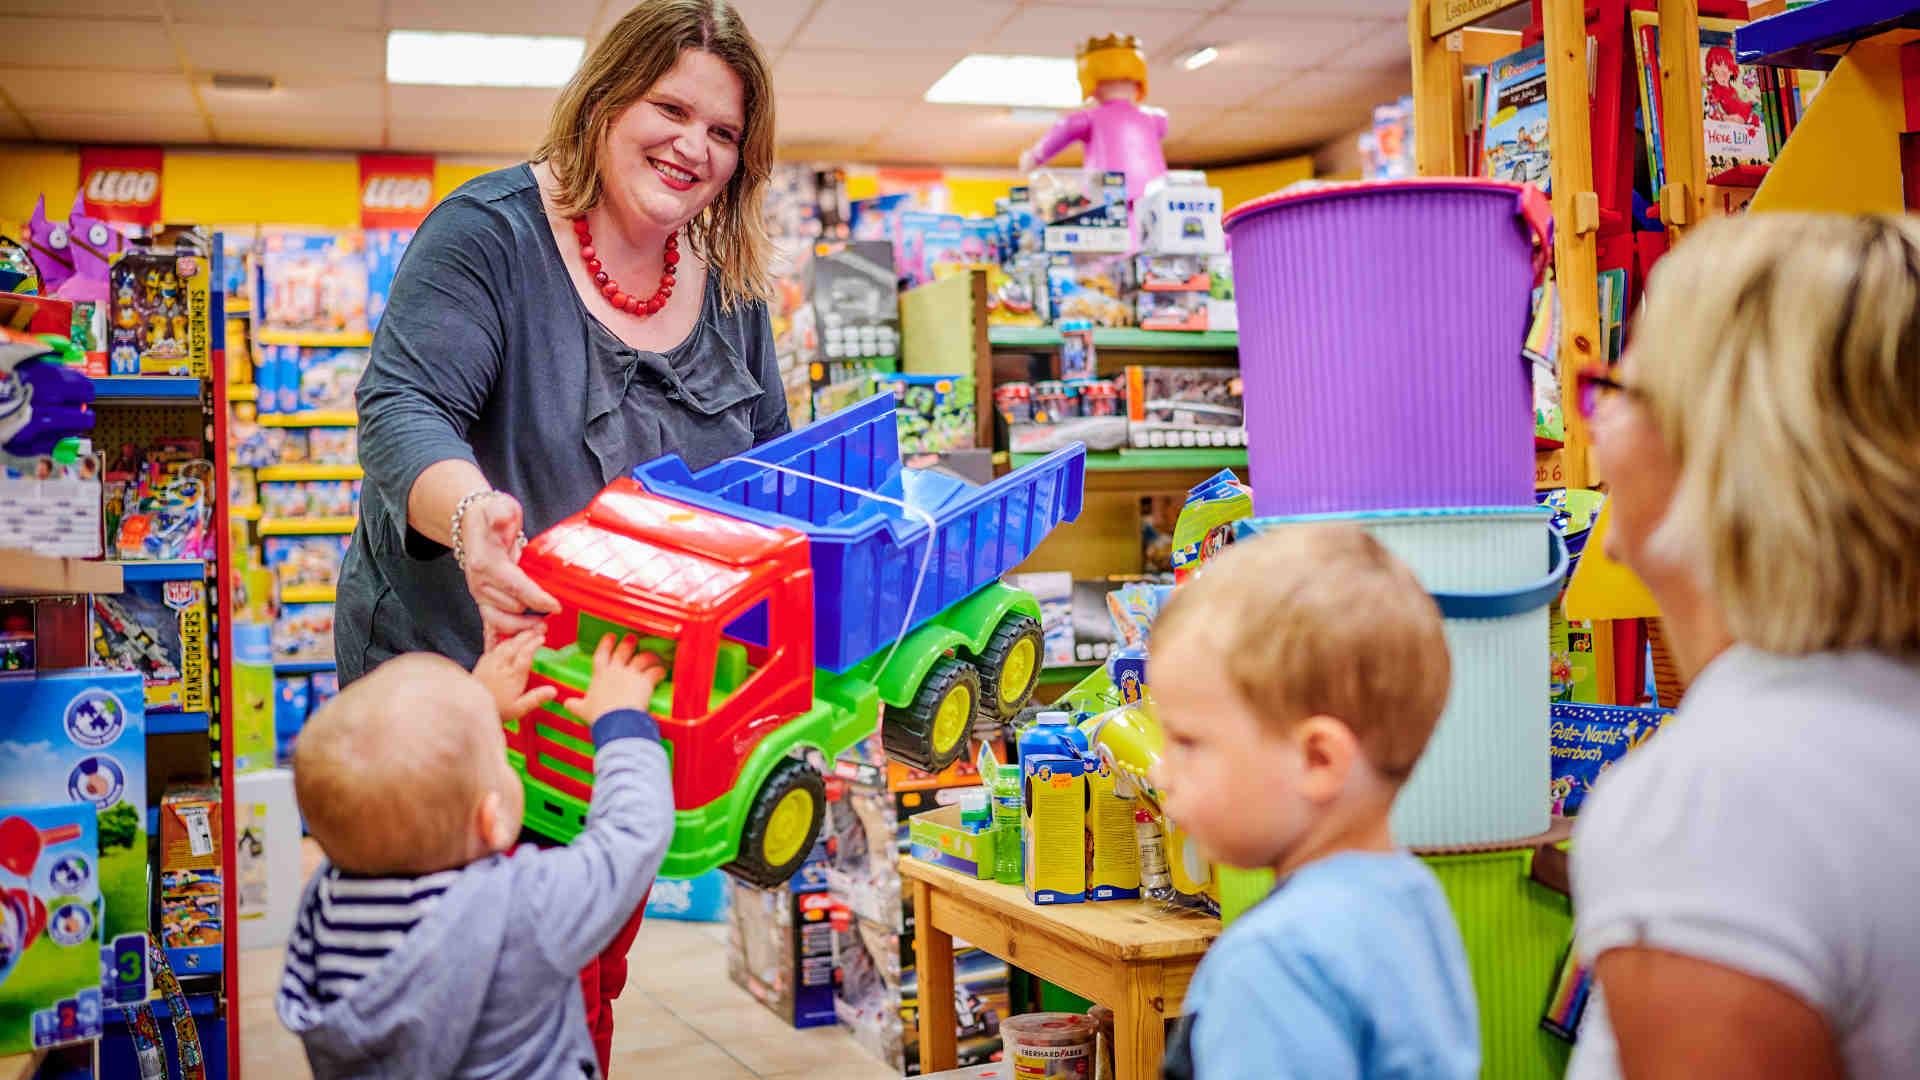 Spielwaren, Angebot des Fachgeschäfts Thaller in Pilsting